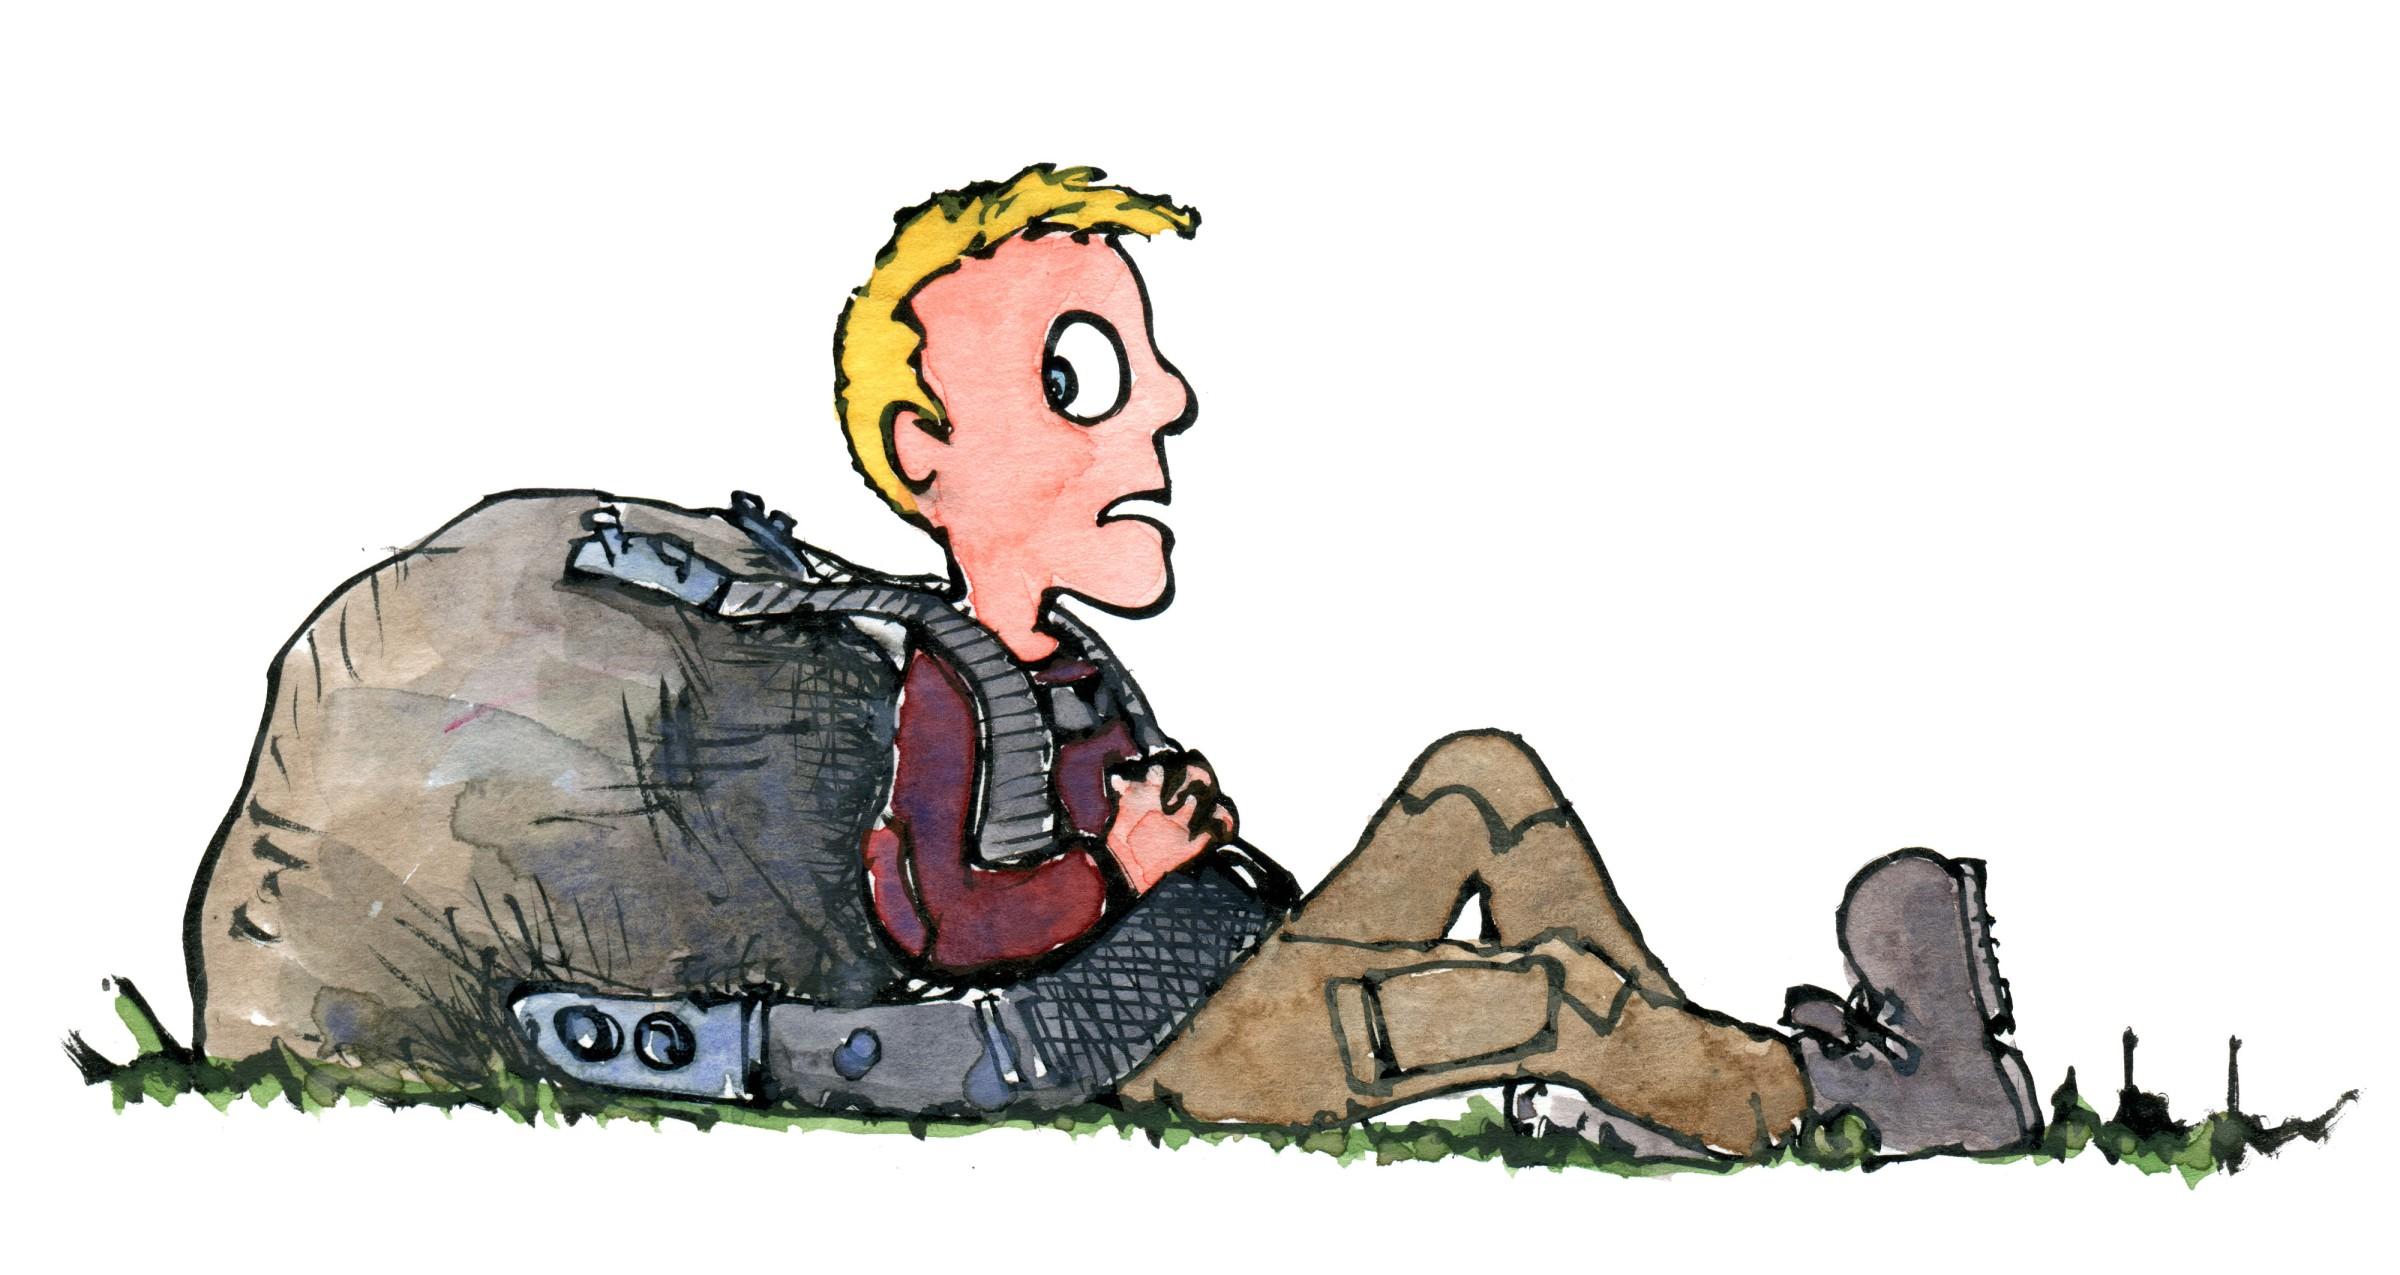 illustration af vandrer med tung stenrygsæk. Tegning af Frits Ahlefeldt